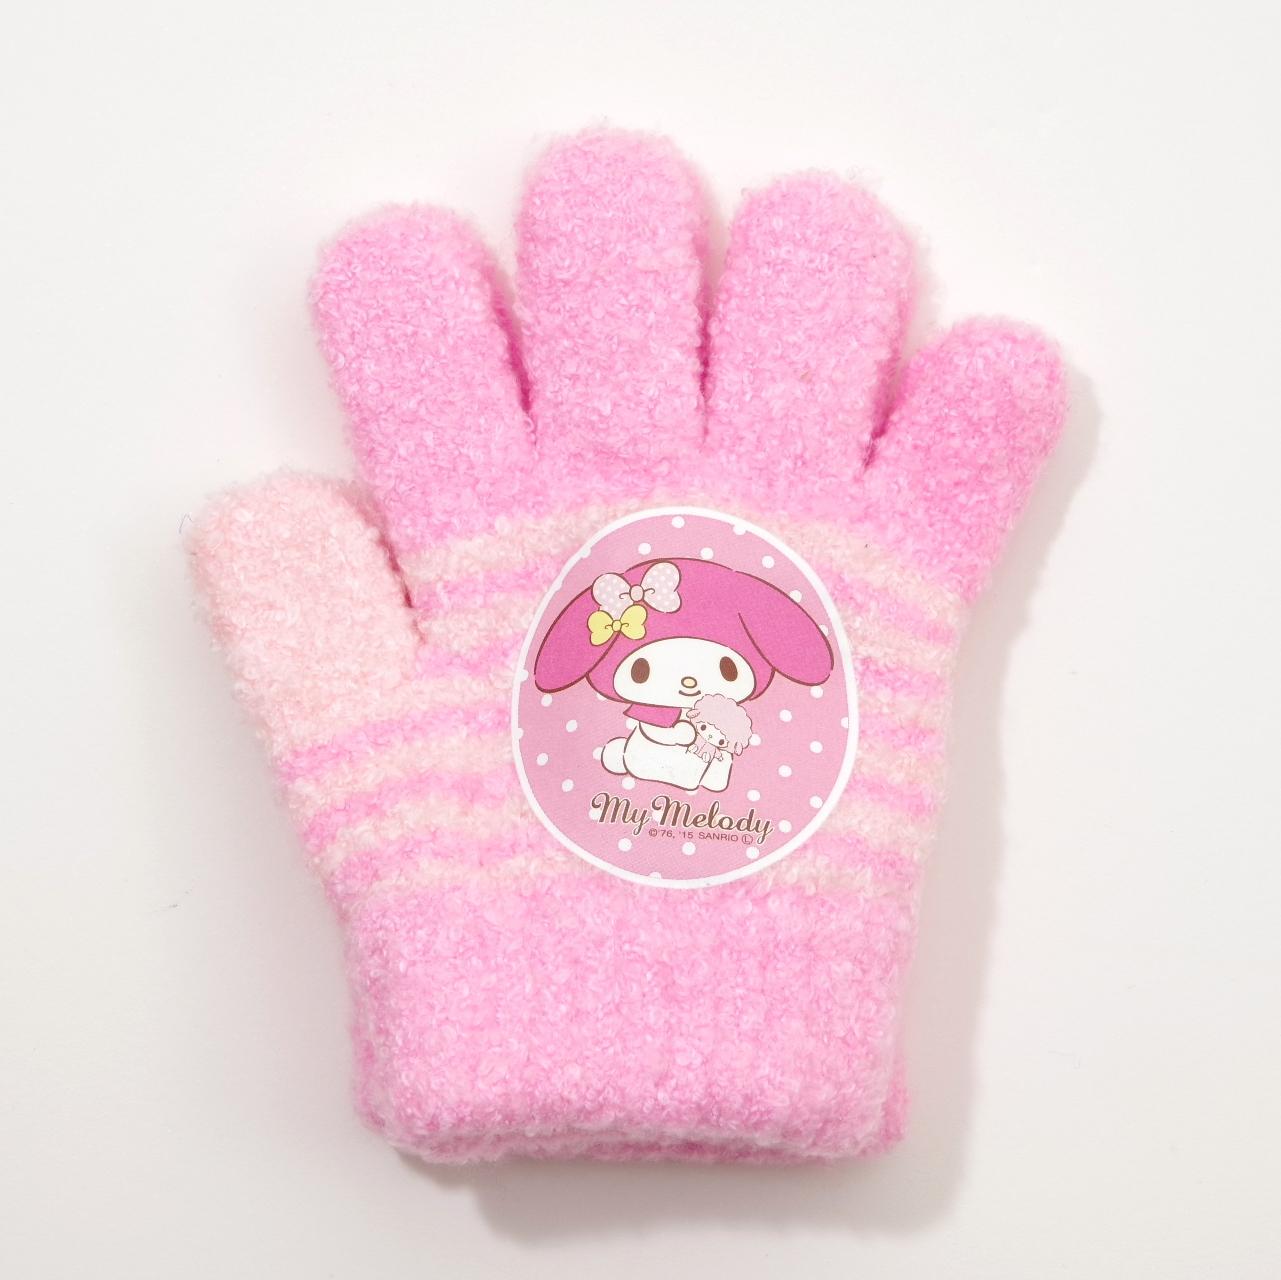 日本製 サンリオマイメロディ手袋 5本指 13.5cm (MM1610-135)